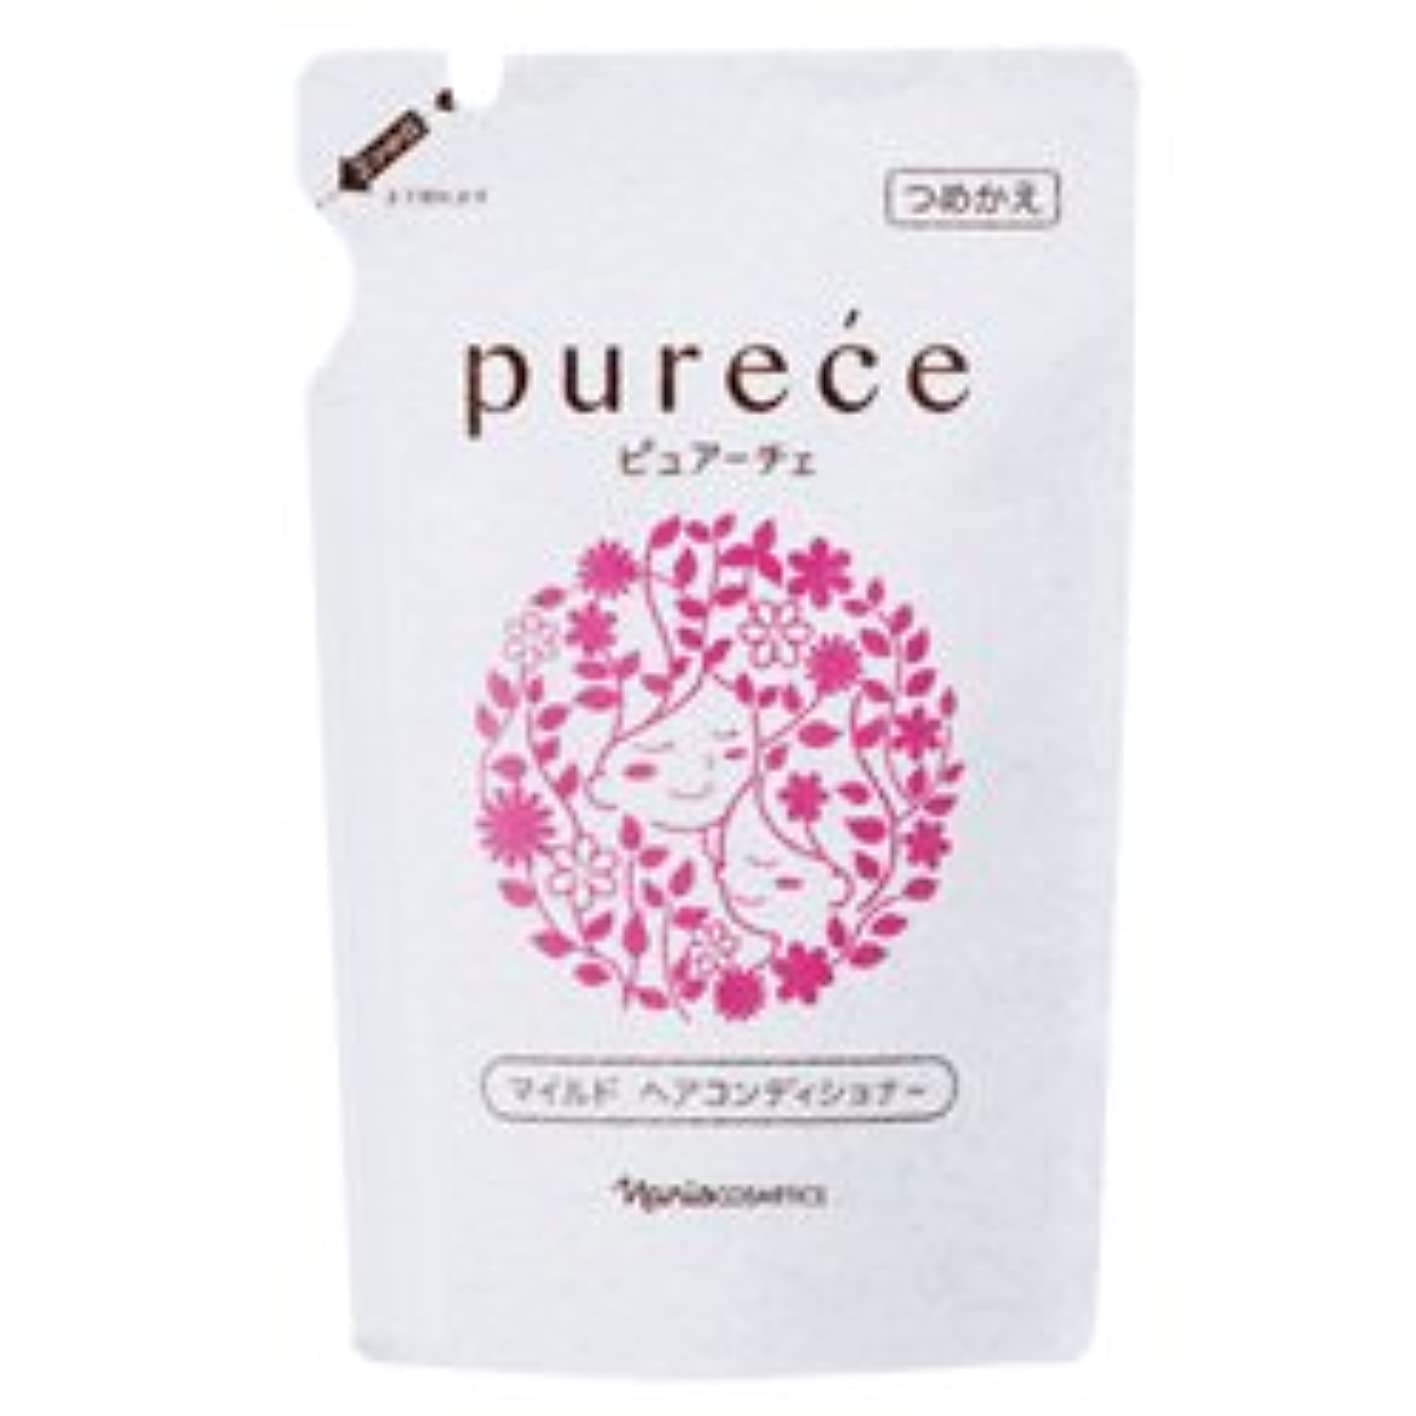 適切な隣接する傾斜ナリス化粧品 ピュアーチェ(PURECE) マイルドヘアコンディショナーFS カエ450ml[レフィル]